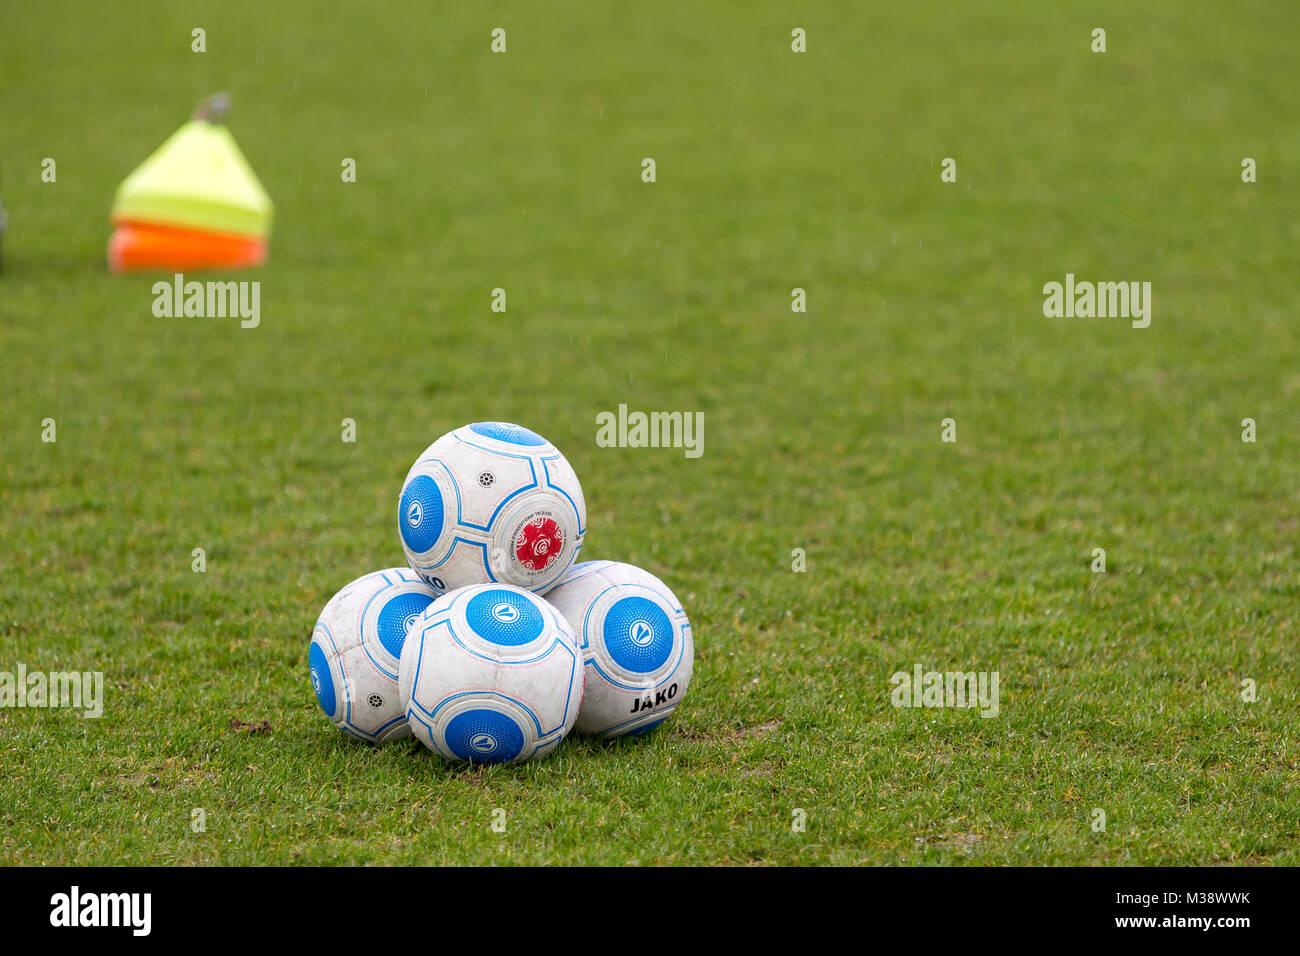 Jako palloni da calcio impilati su un campo di calcio prima di un ...